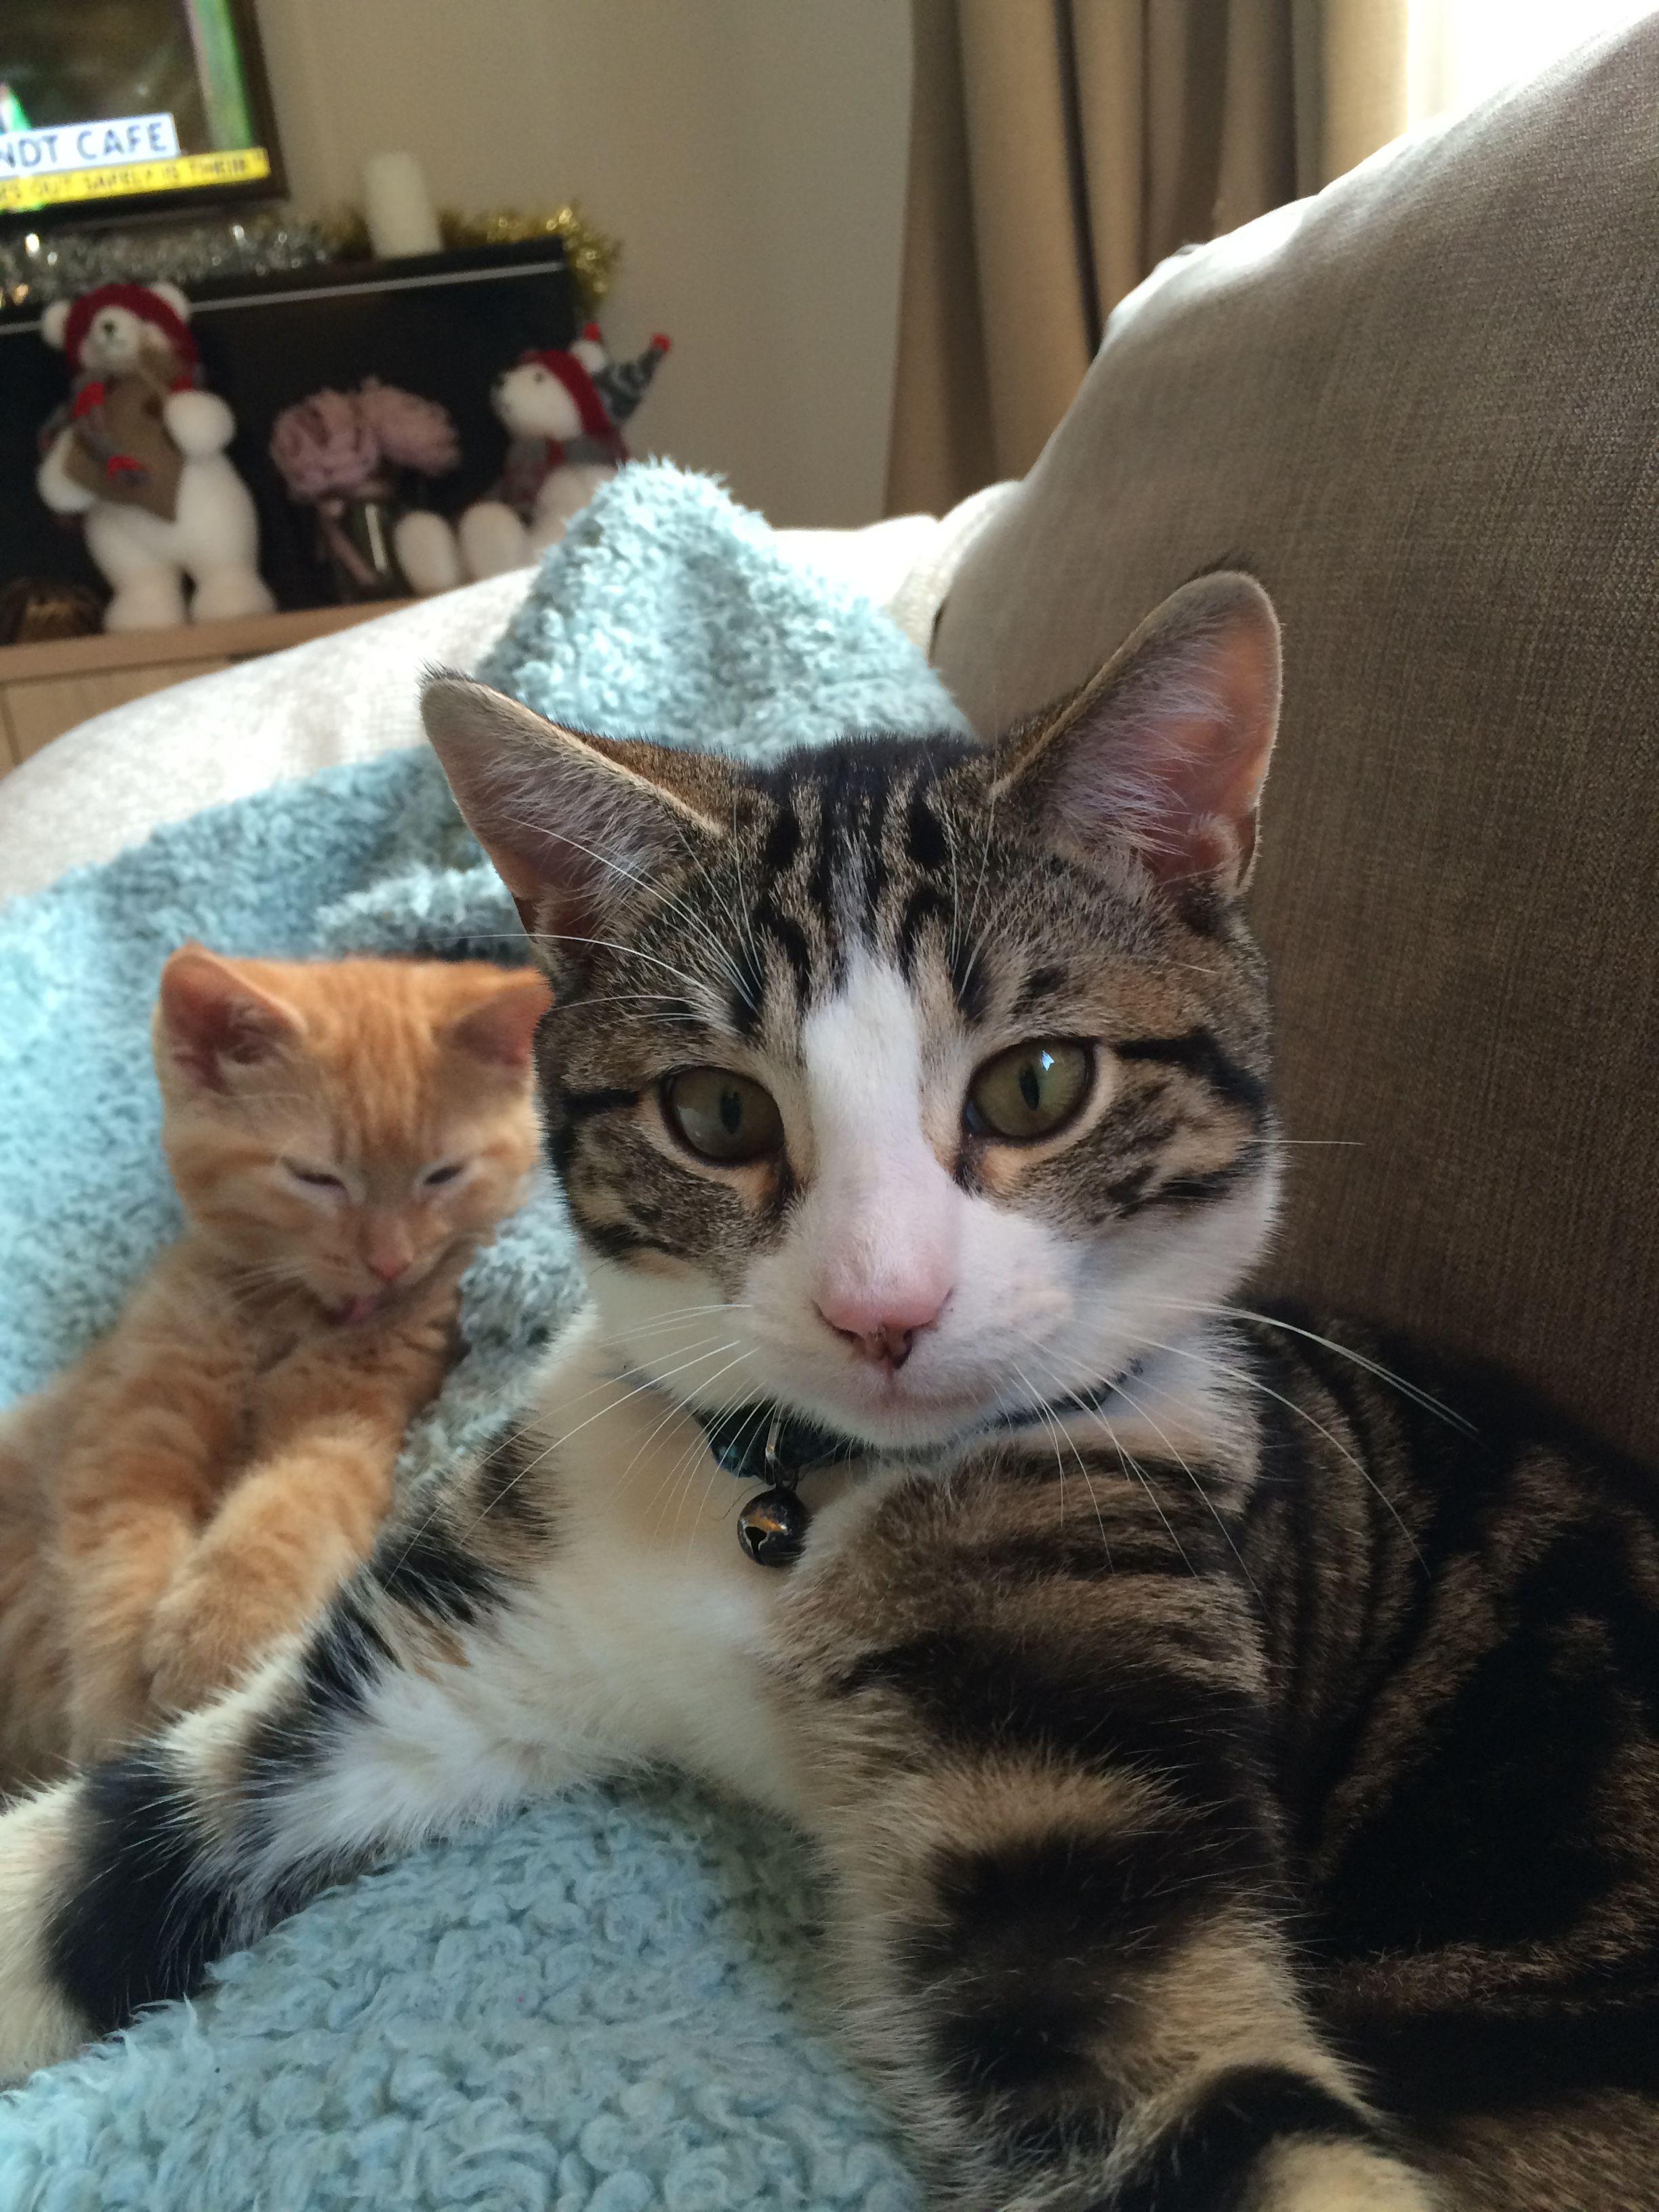 Pin By Maria Eduarda Aka Mary Yt On Pawshake Ireland Cats Cats Cat Boarding Kitty